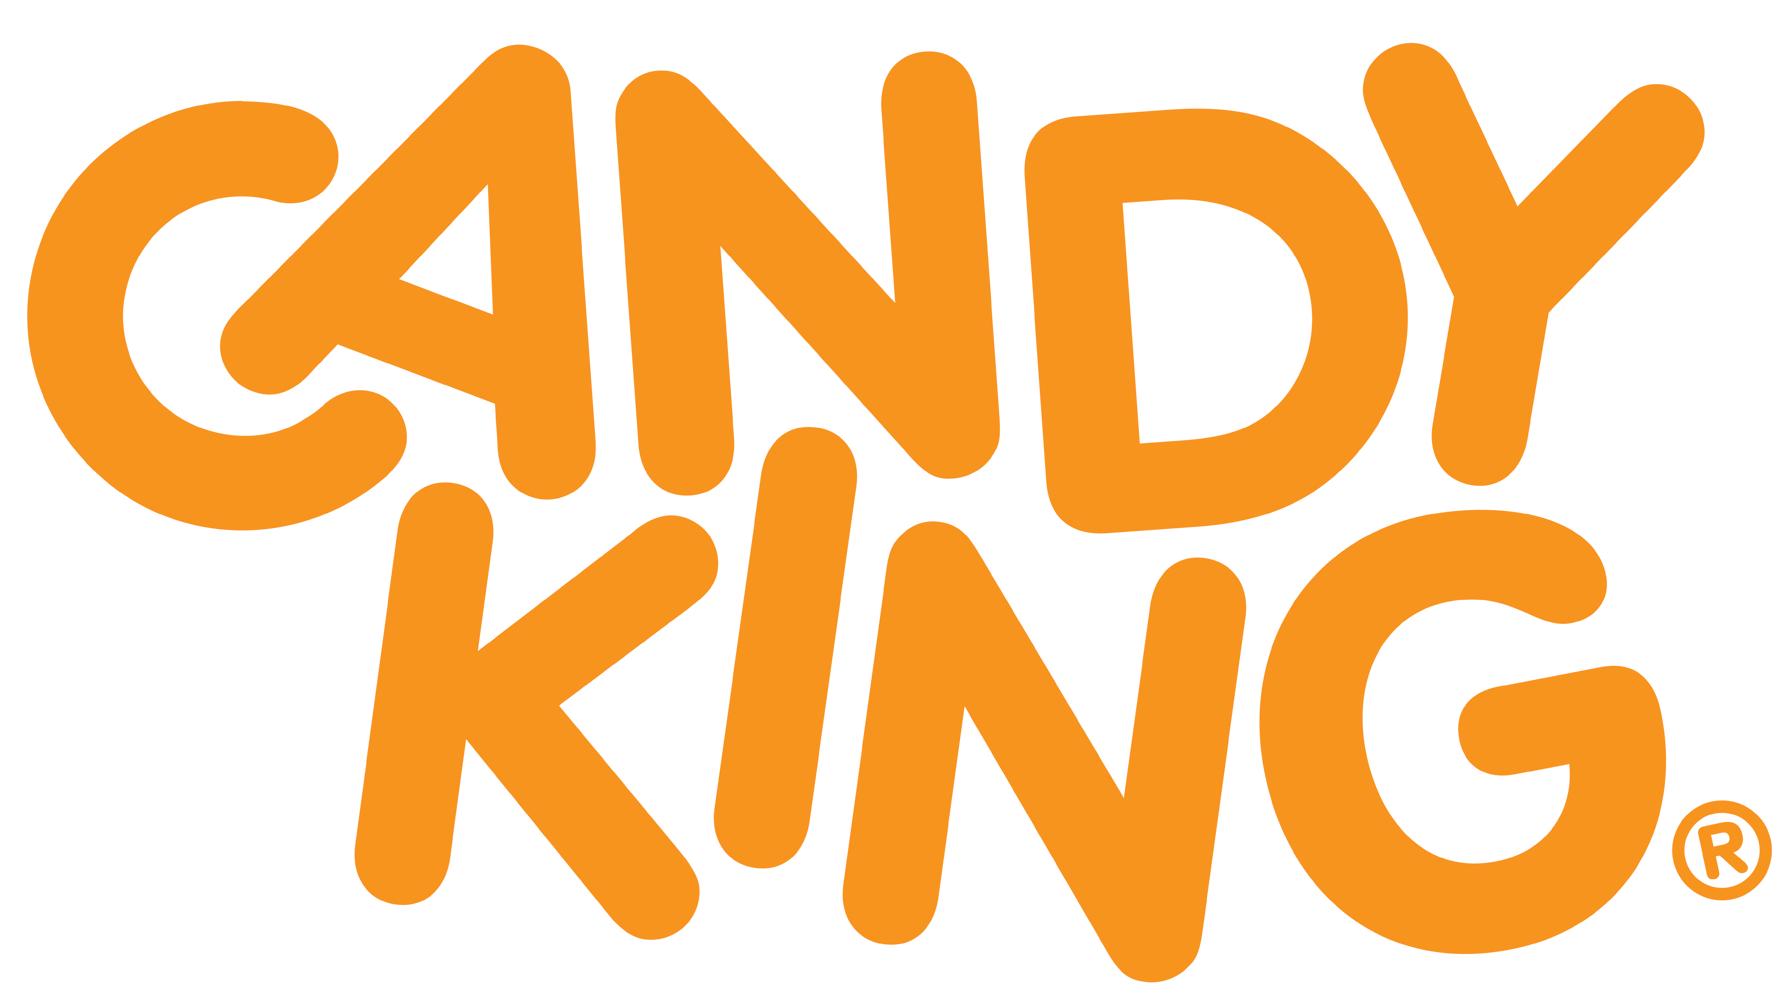 Candyking logo